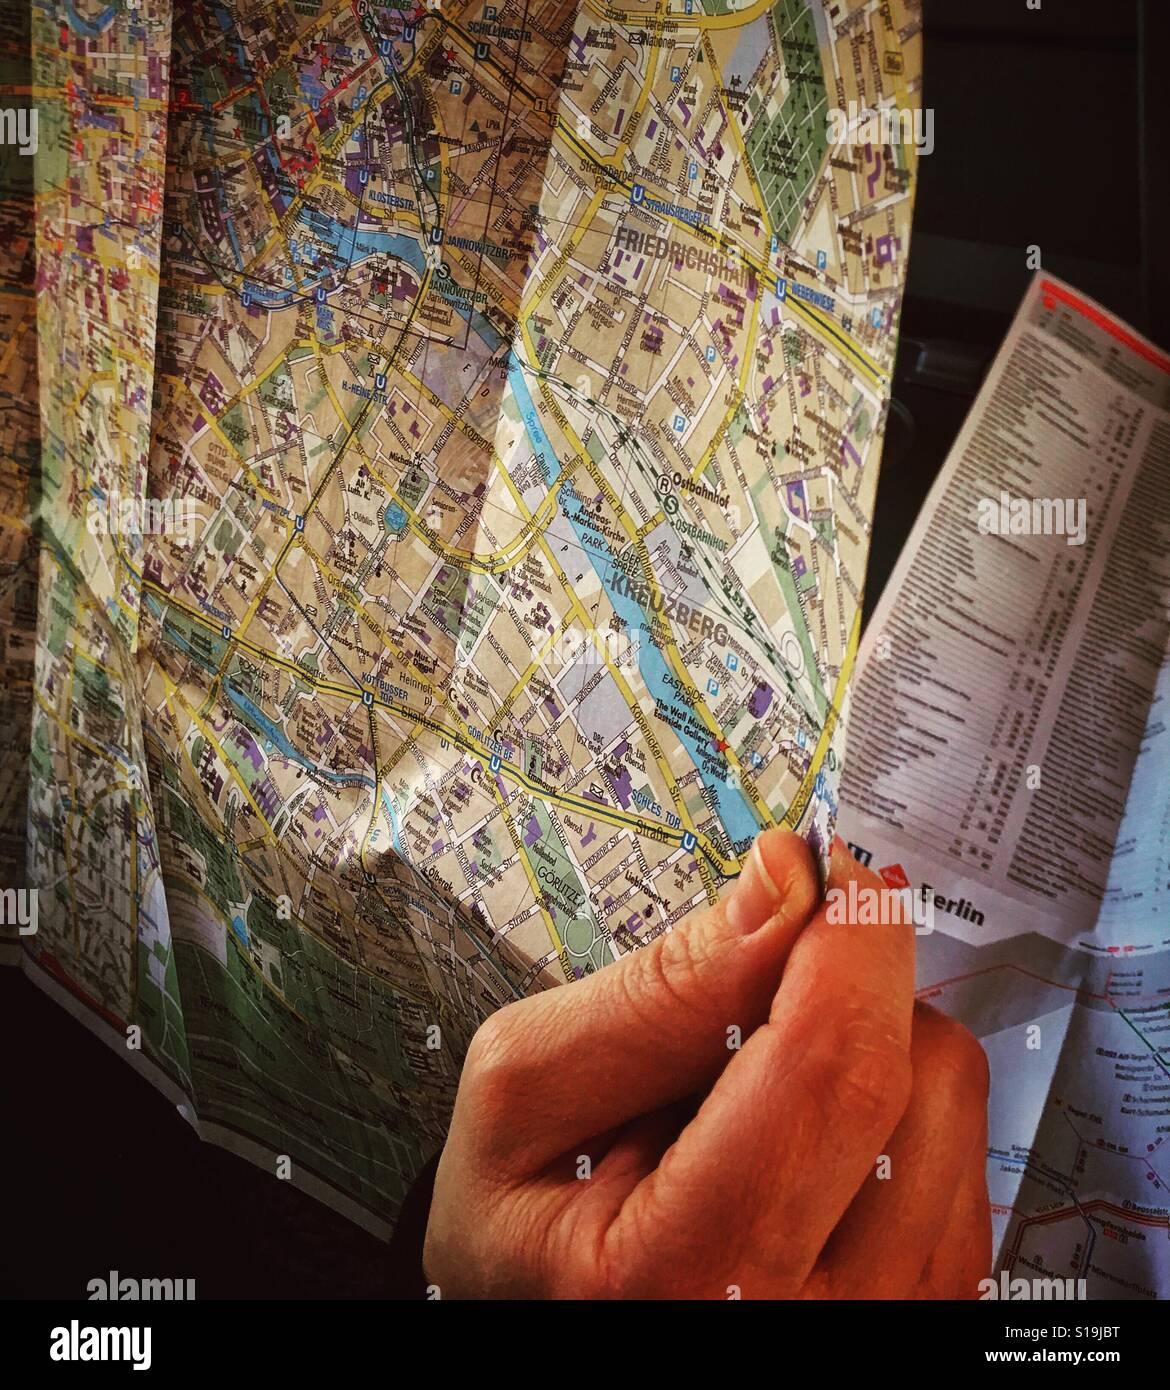 Une main tenant une carte de la ville de Berlin , Allemagne, Europe Banque D'Images